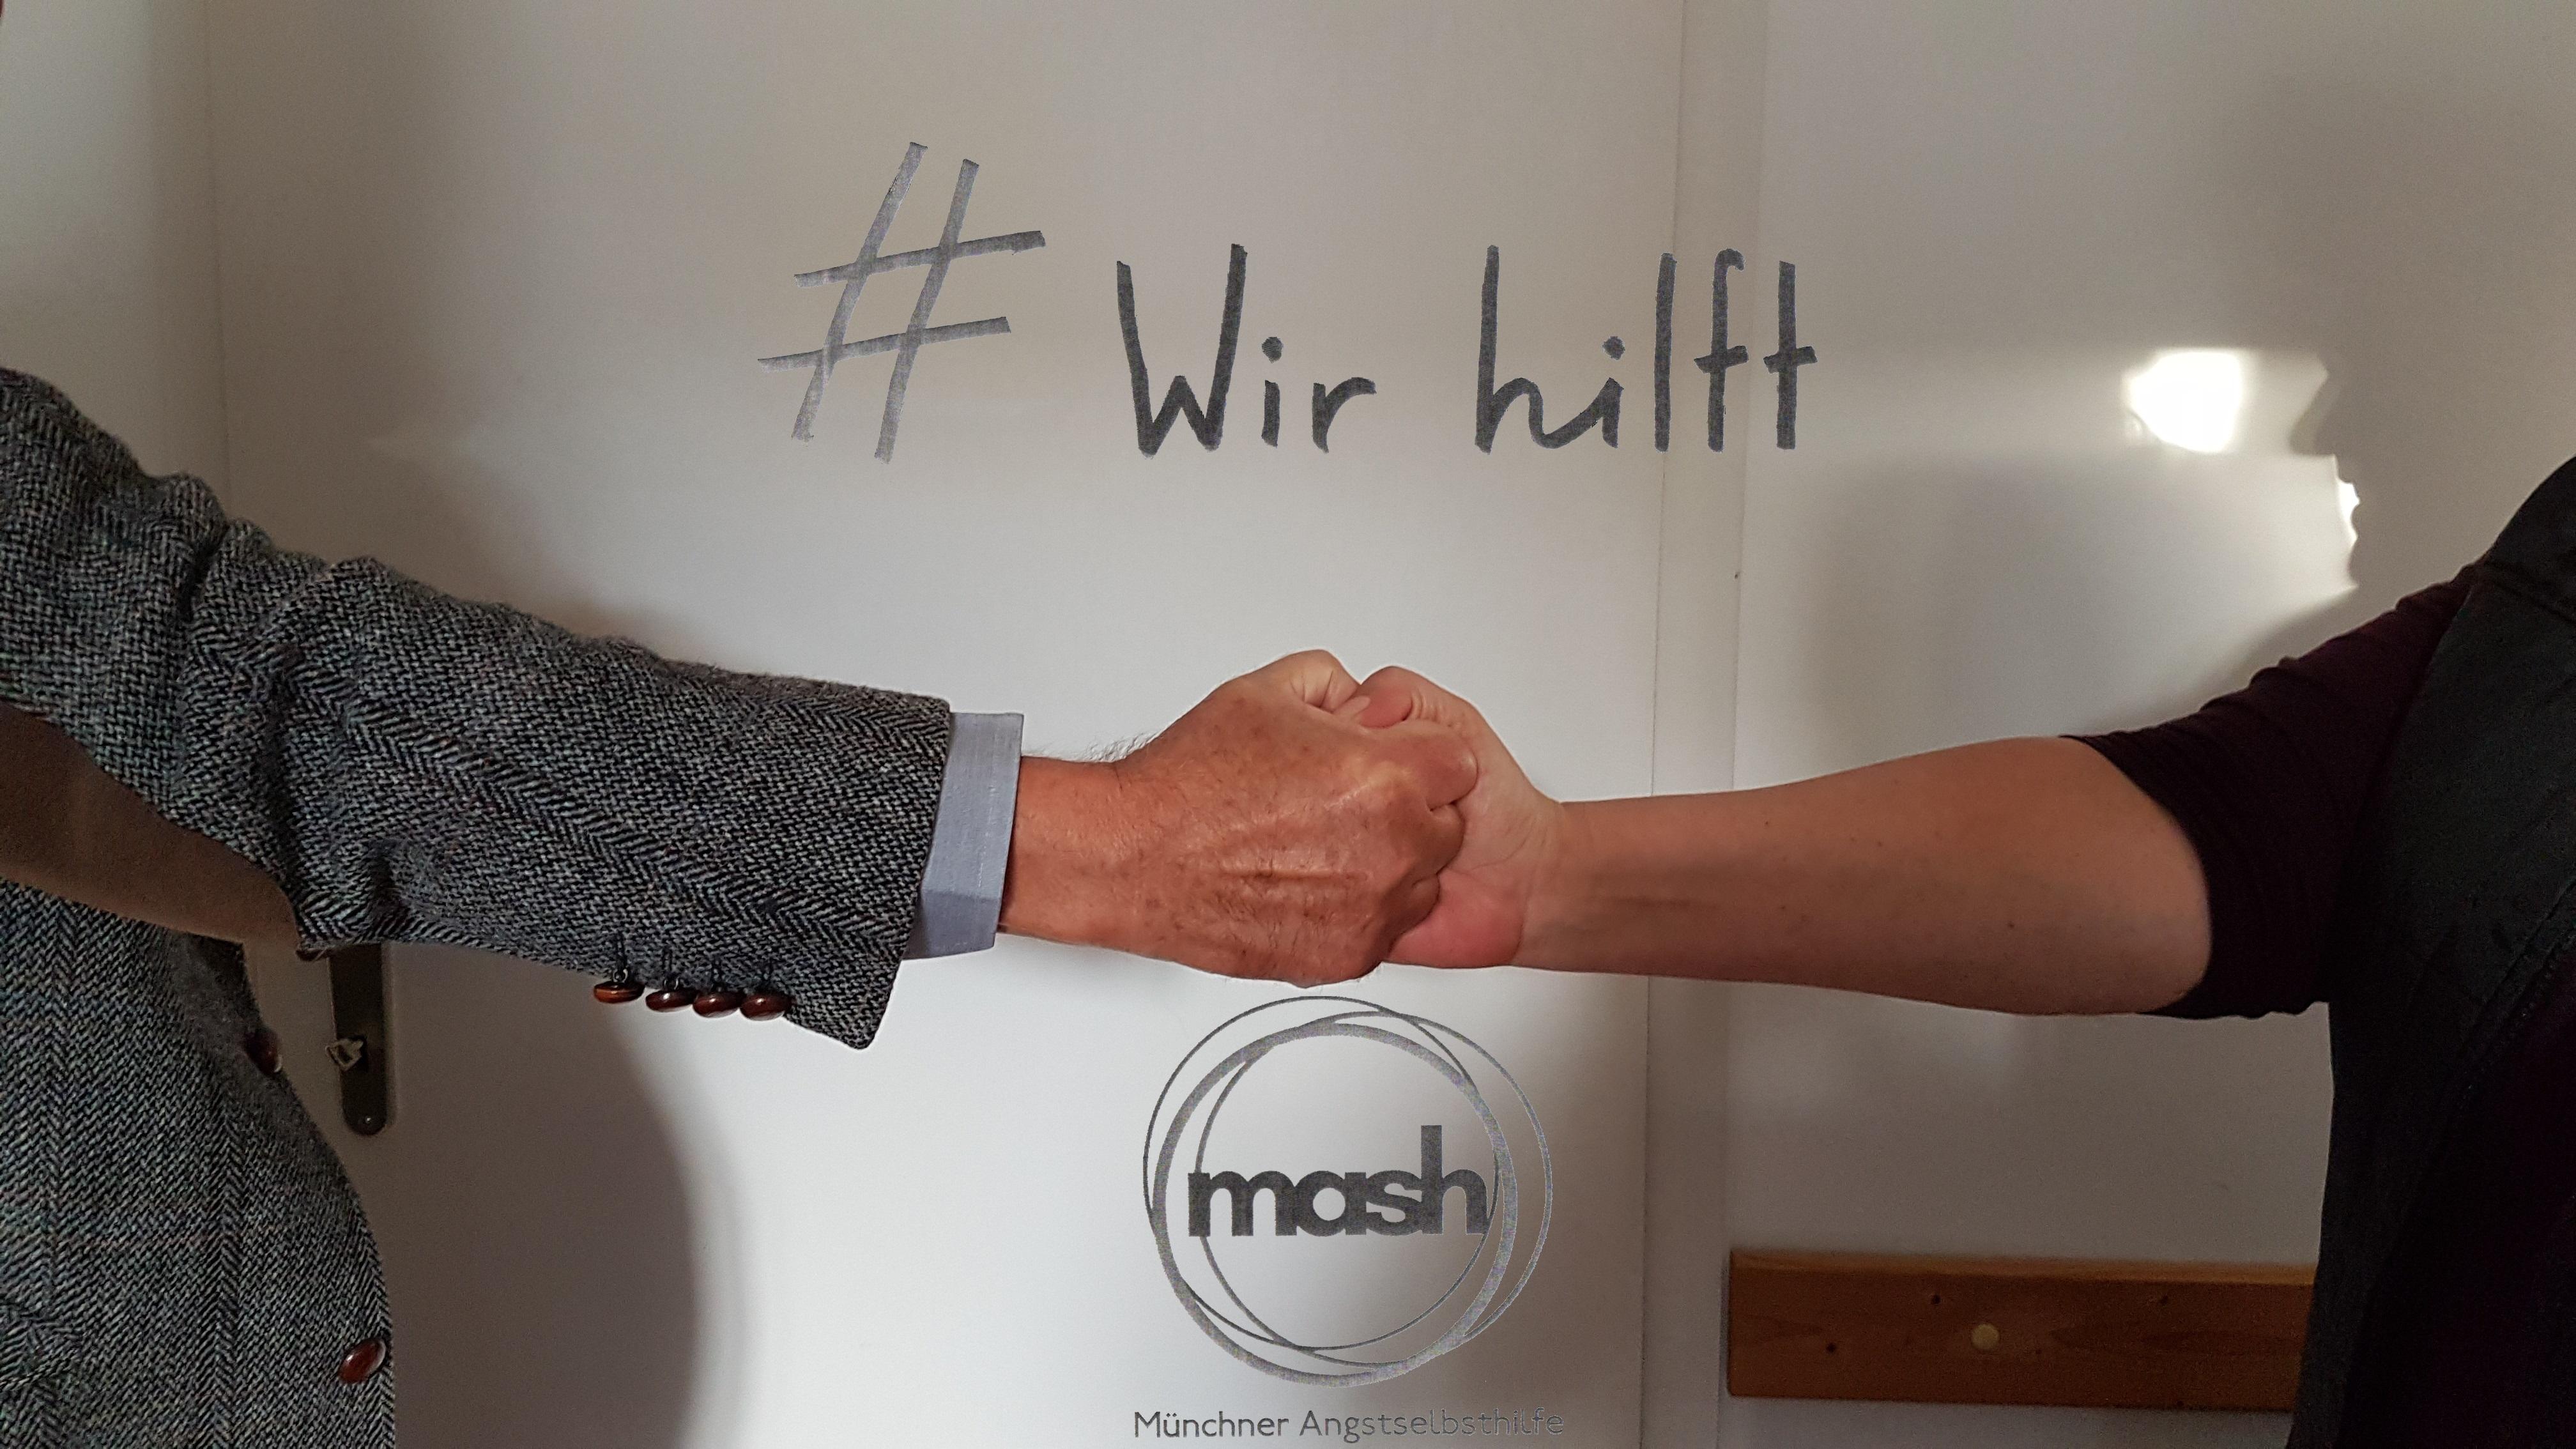 Zusammen gegen die Angst bei MASH | Foto: MASH